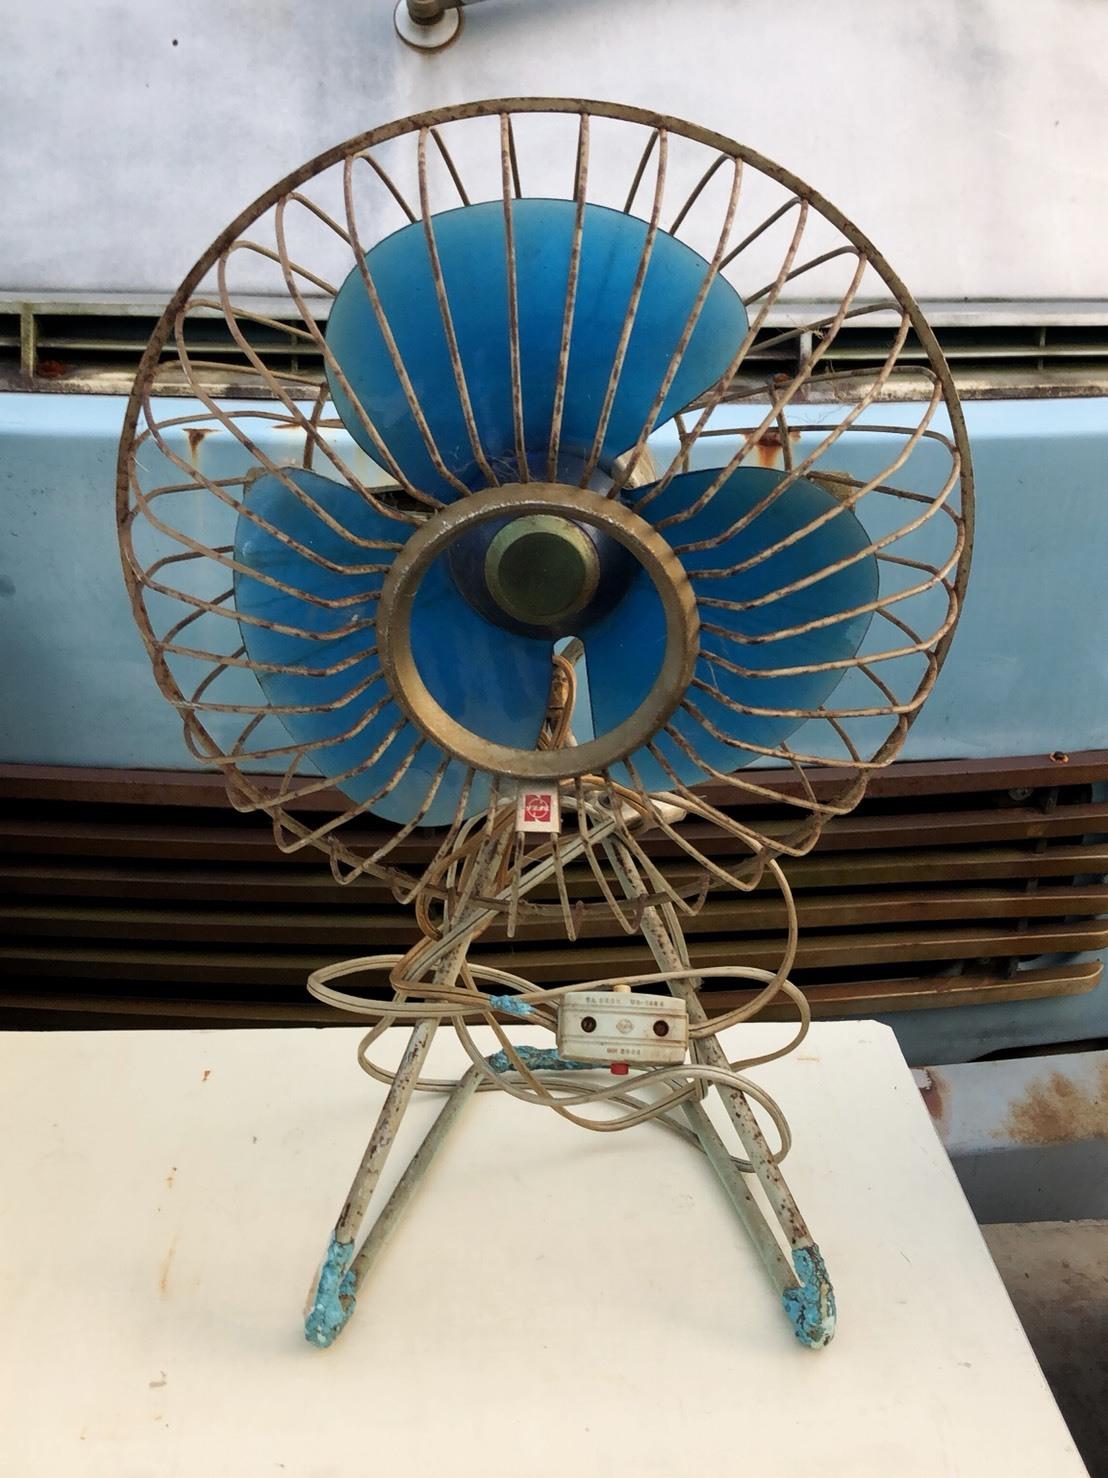 たまに暑い日に使いなよ。ちっこい扇風機